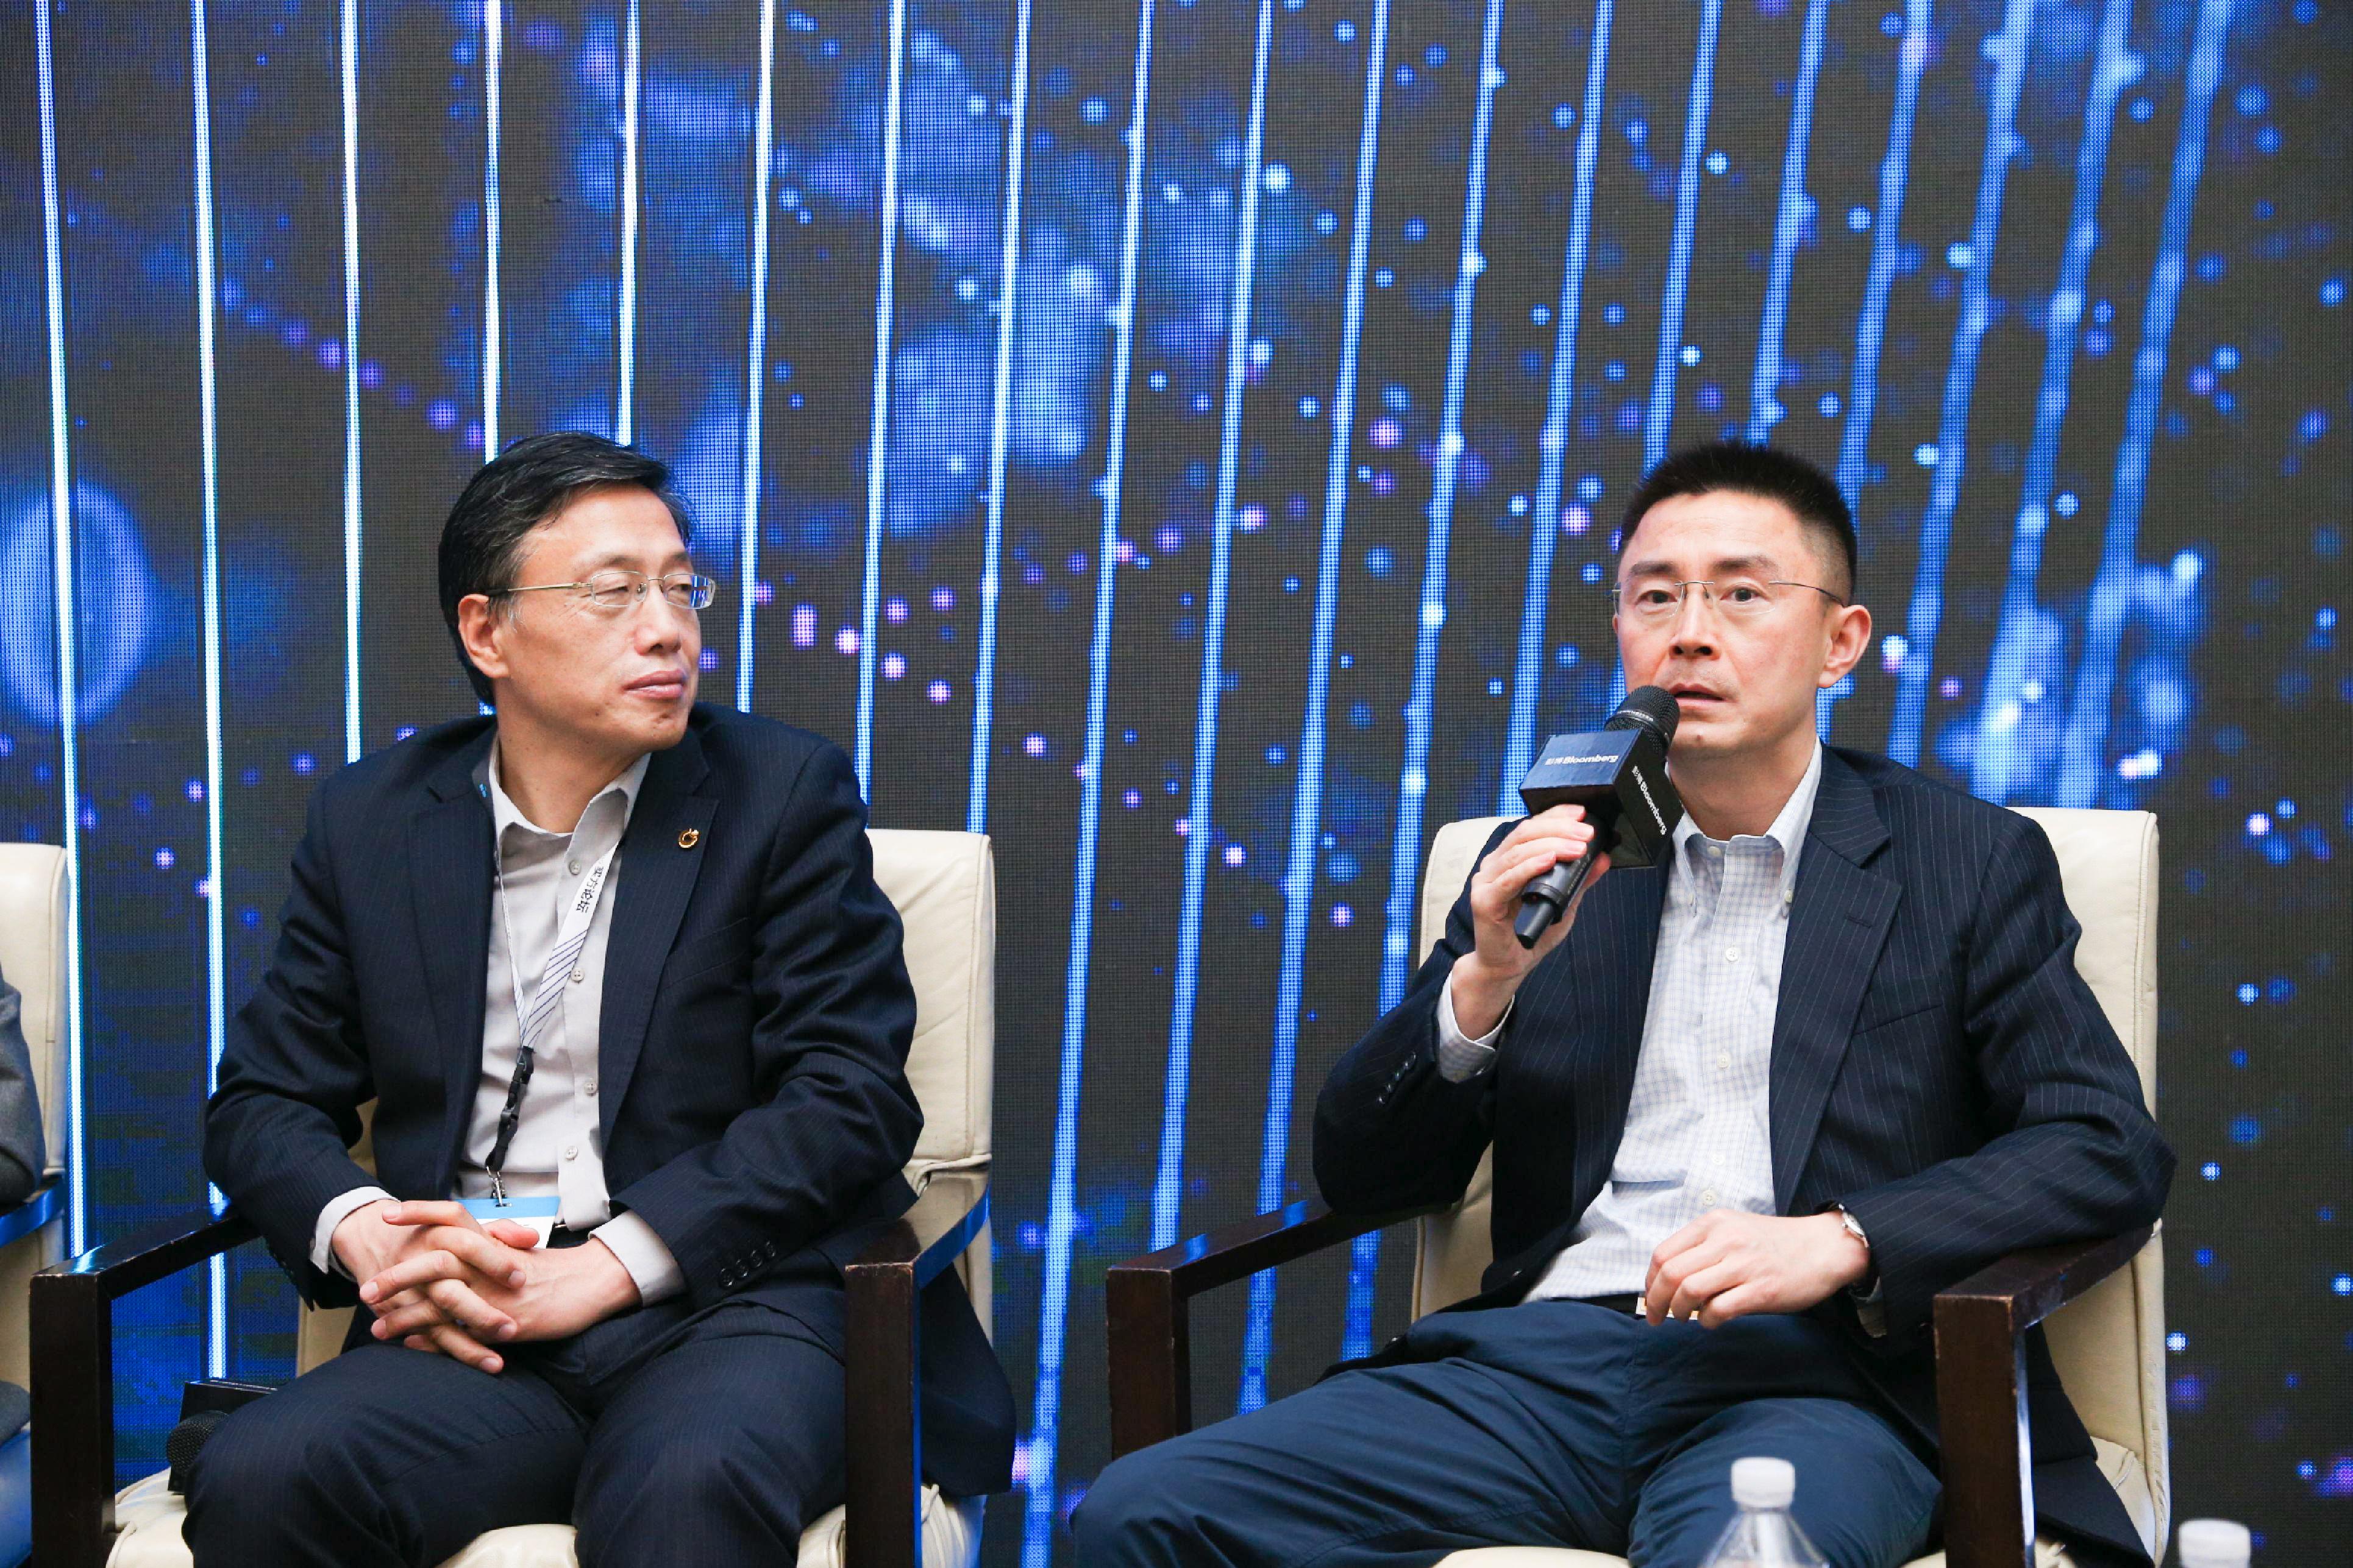 (左) 中国人寿资产管理有限公司资产配置总监王卫华、(右)中再资产管理股份有限公司副总经理罗若宏